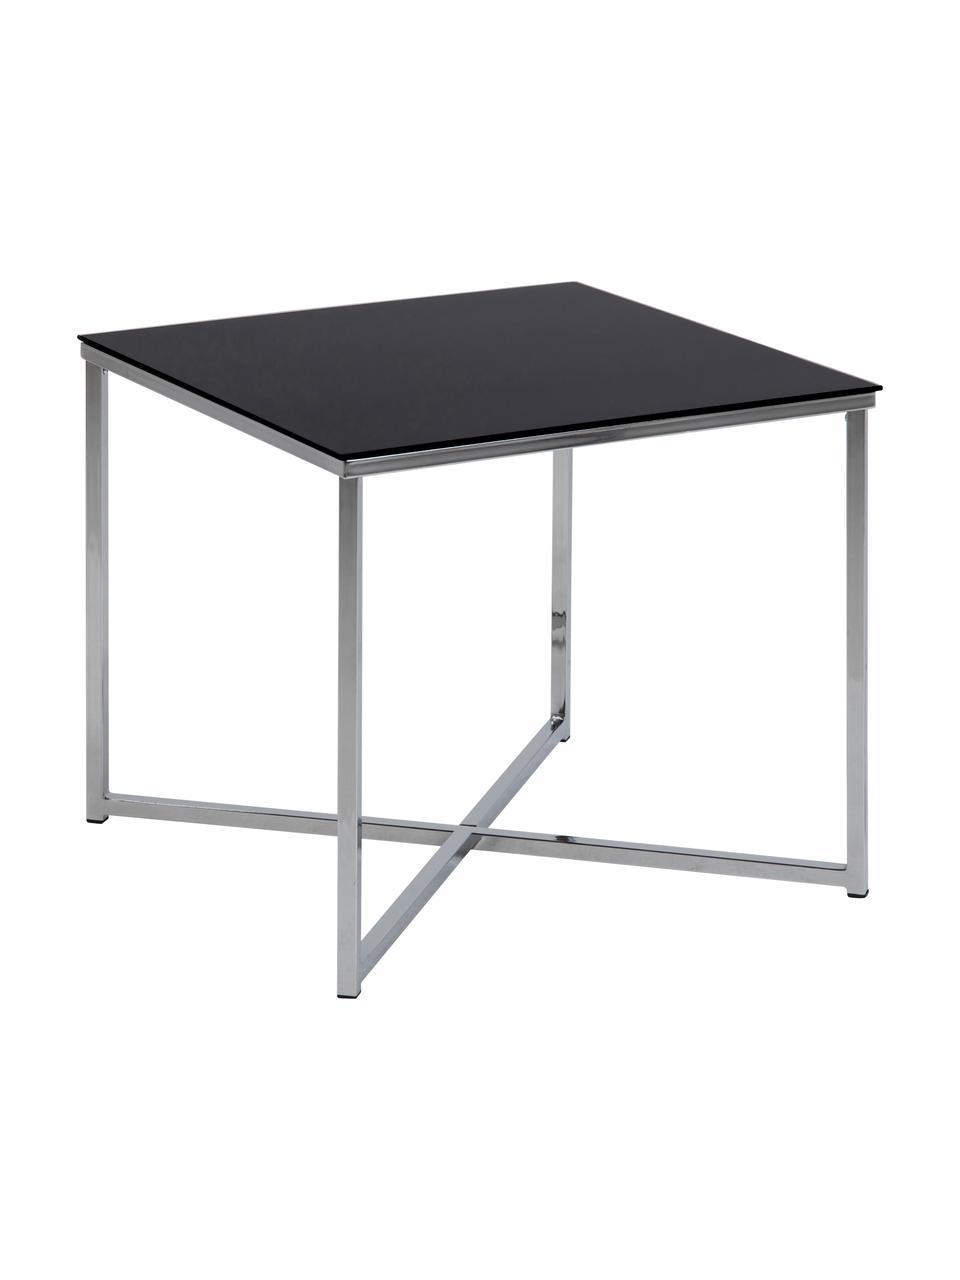 Beistelltisch Matheo mit Glasplatte, Gestell: Metall, verchromt, Tischplatte: Sicherheitsglas, Schwarz, Metall verchrom, 50 x 45 cm